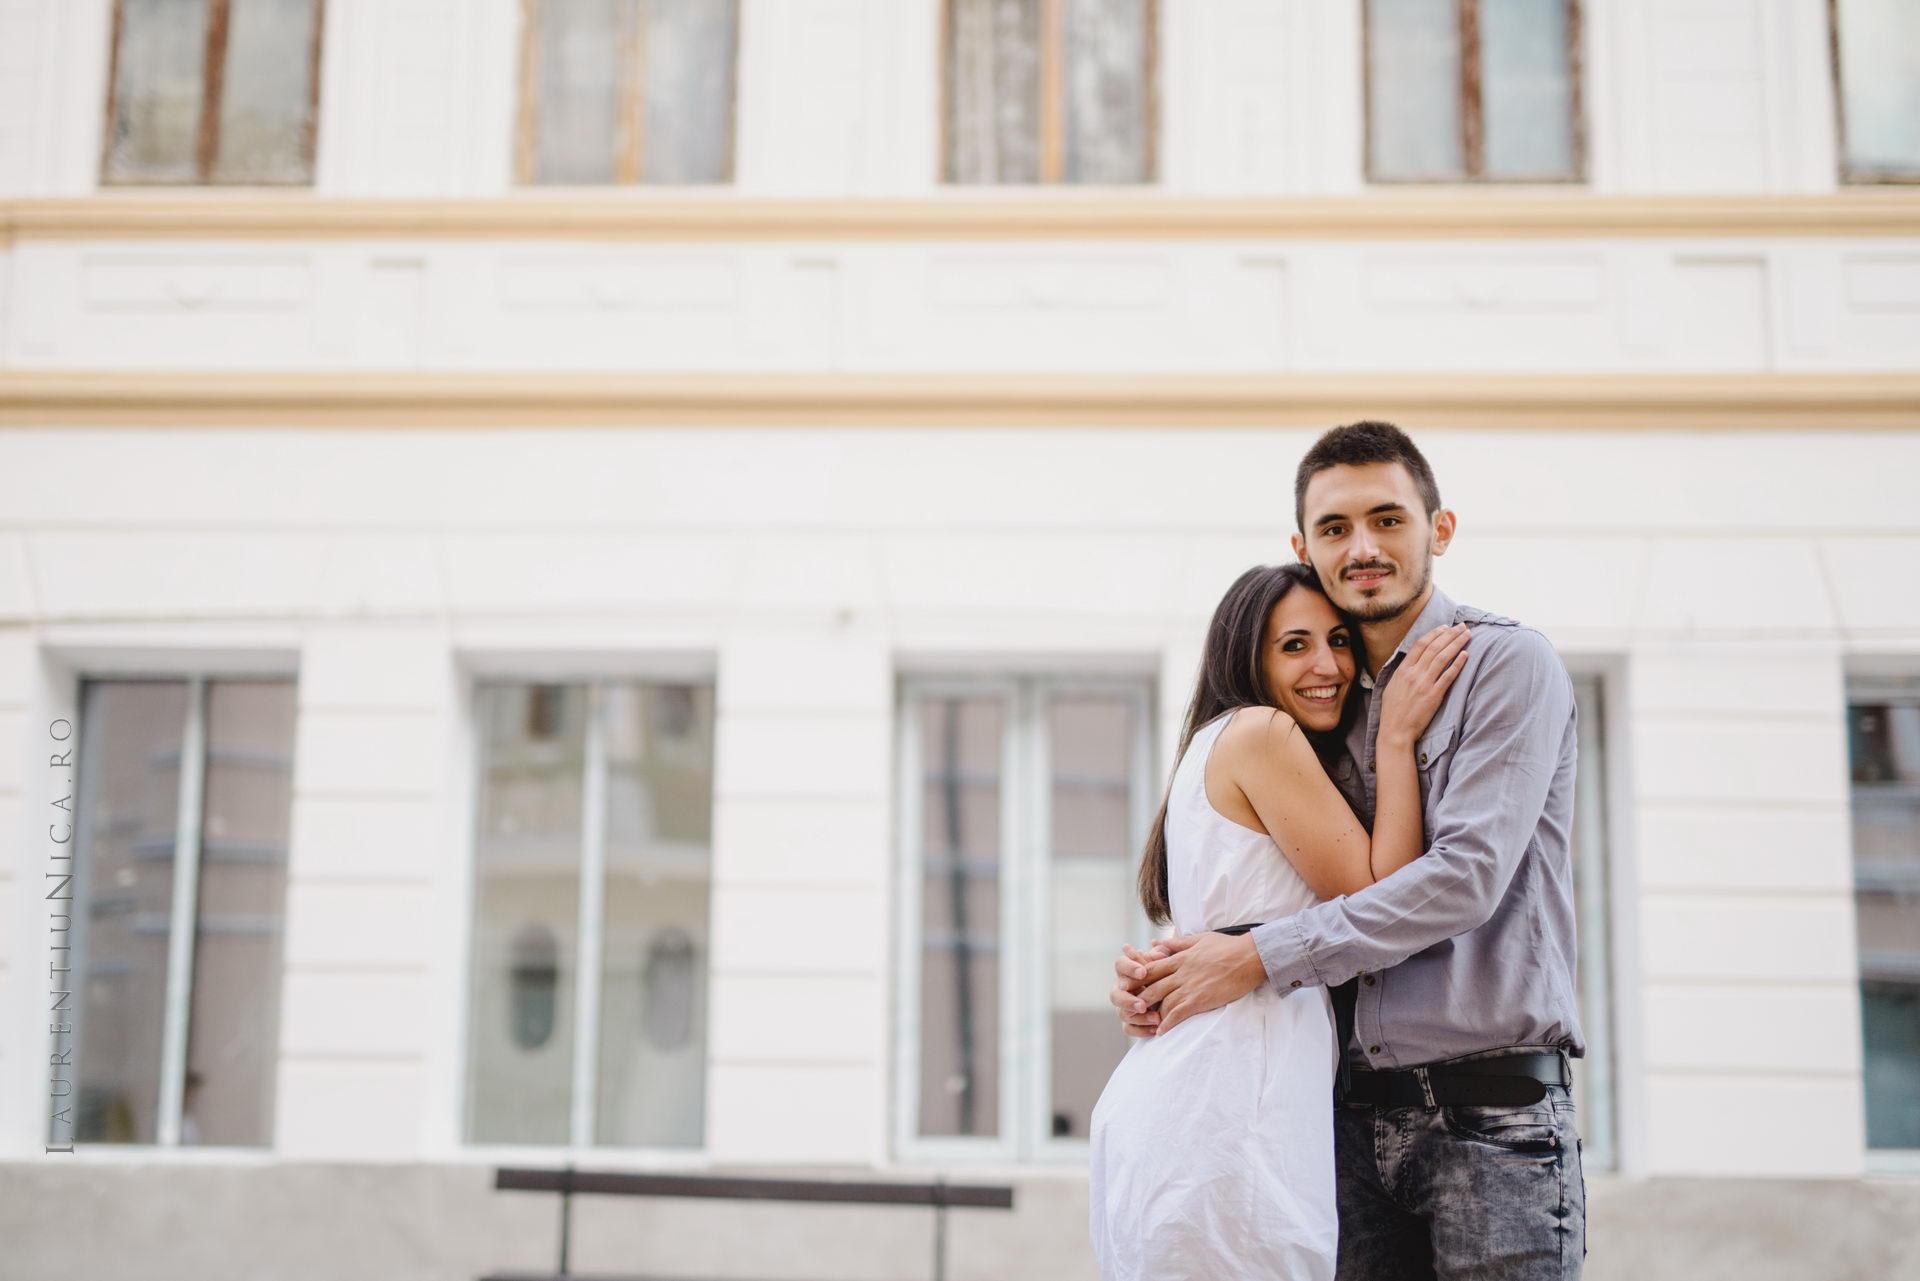 sedinta foto save the date fotograf laurentiu nica craiova 19 - Ramona & Marius | Sedinta foto Save the Date